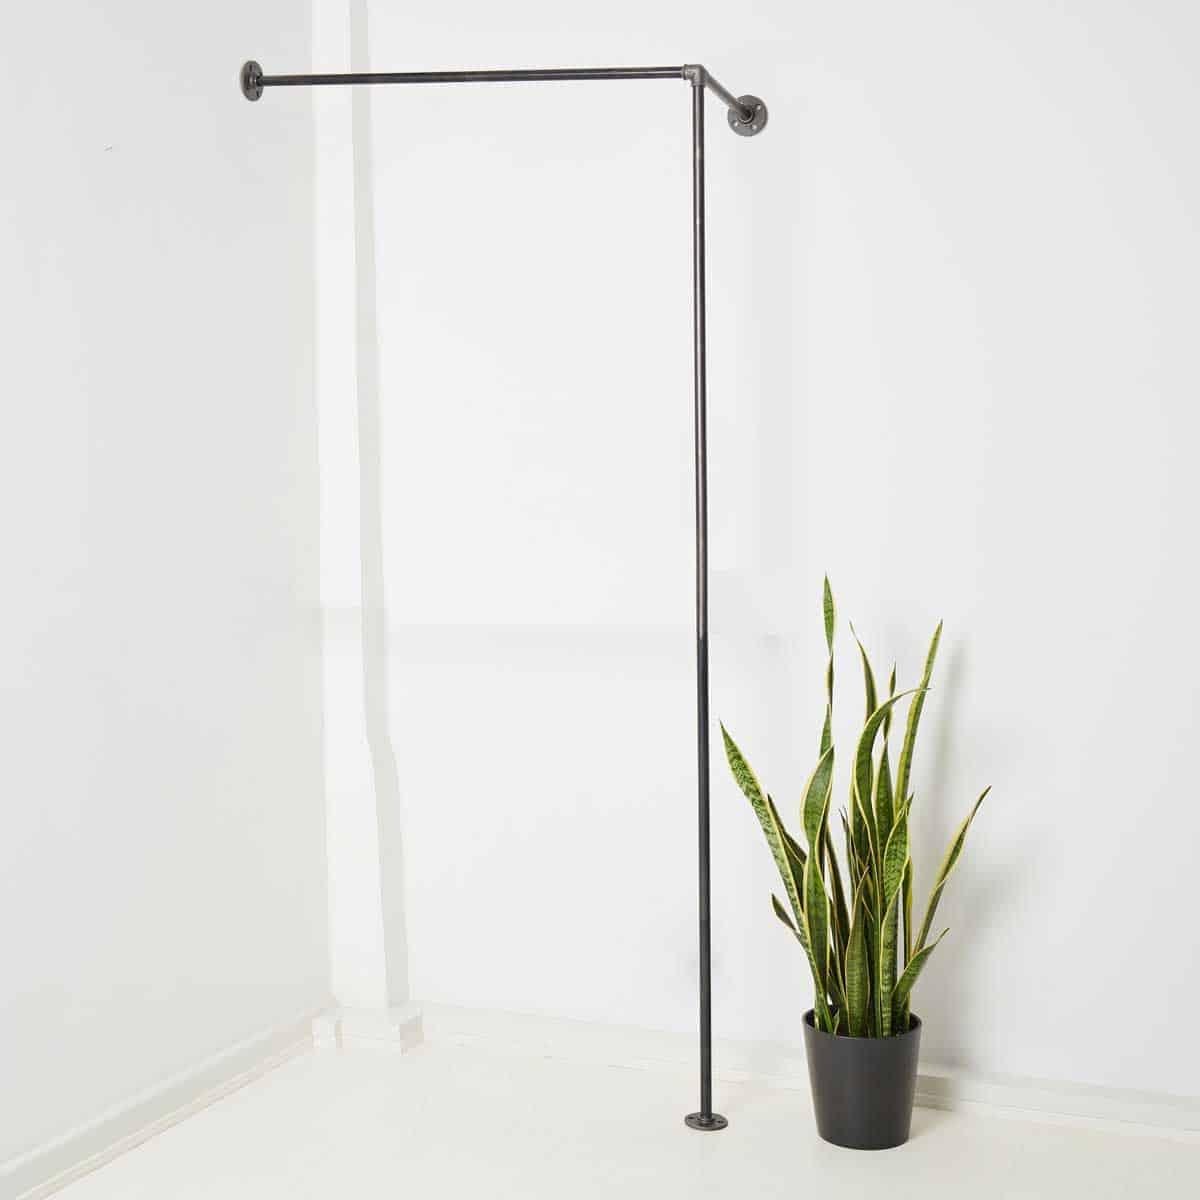 Industrial Design Garderobe Für Nischen Ecken Stand Edge